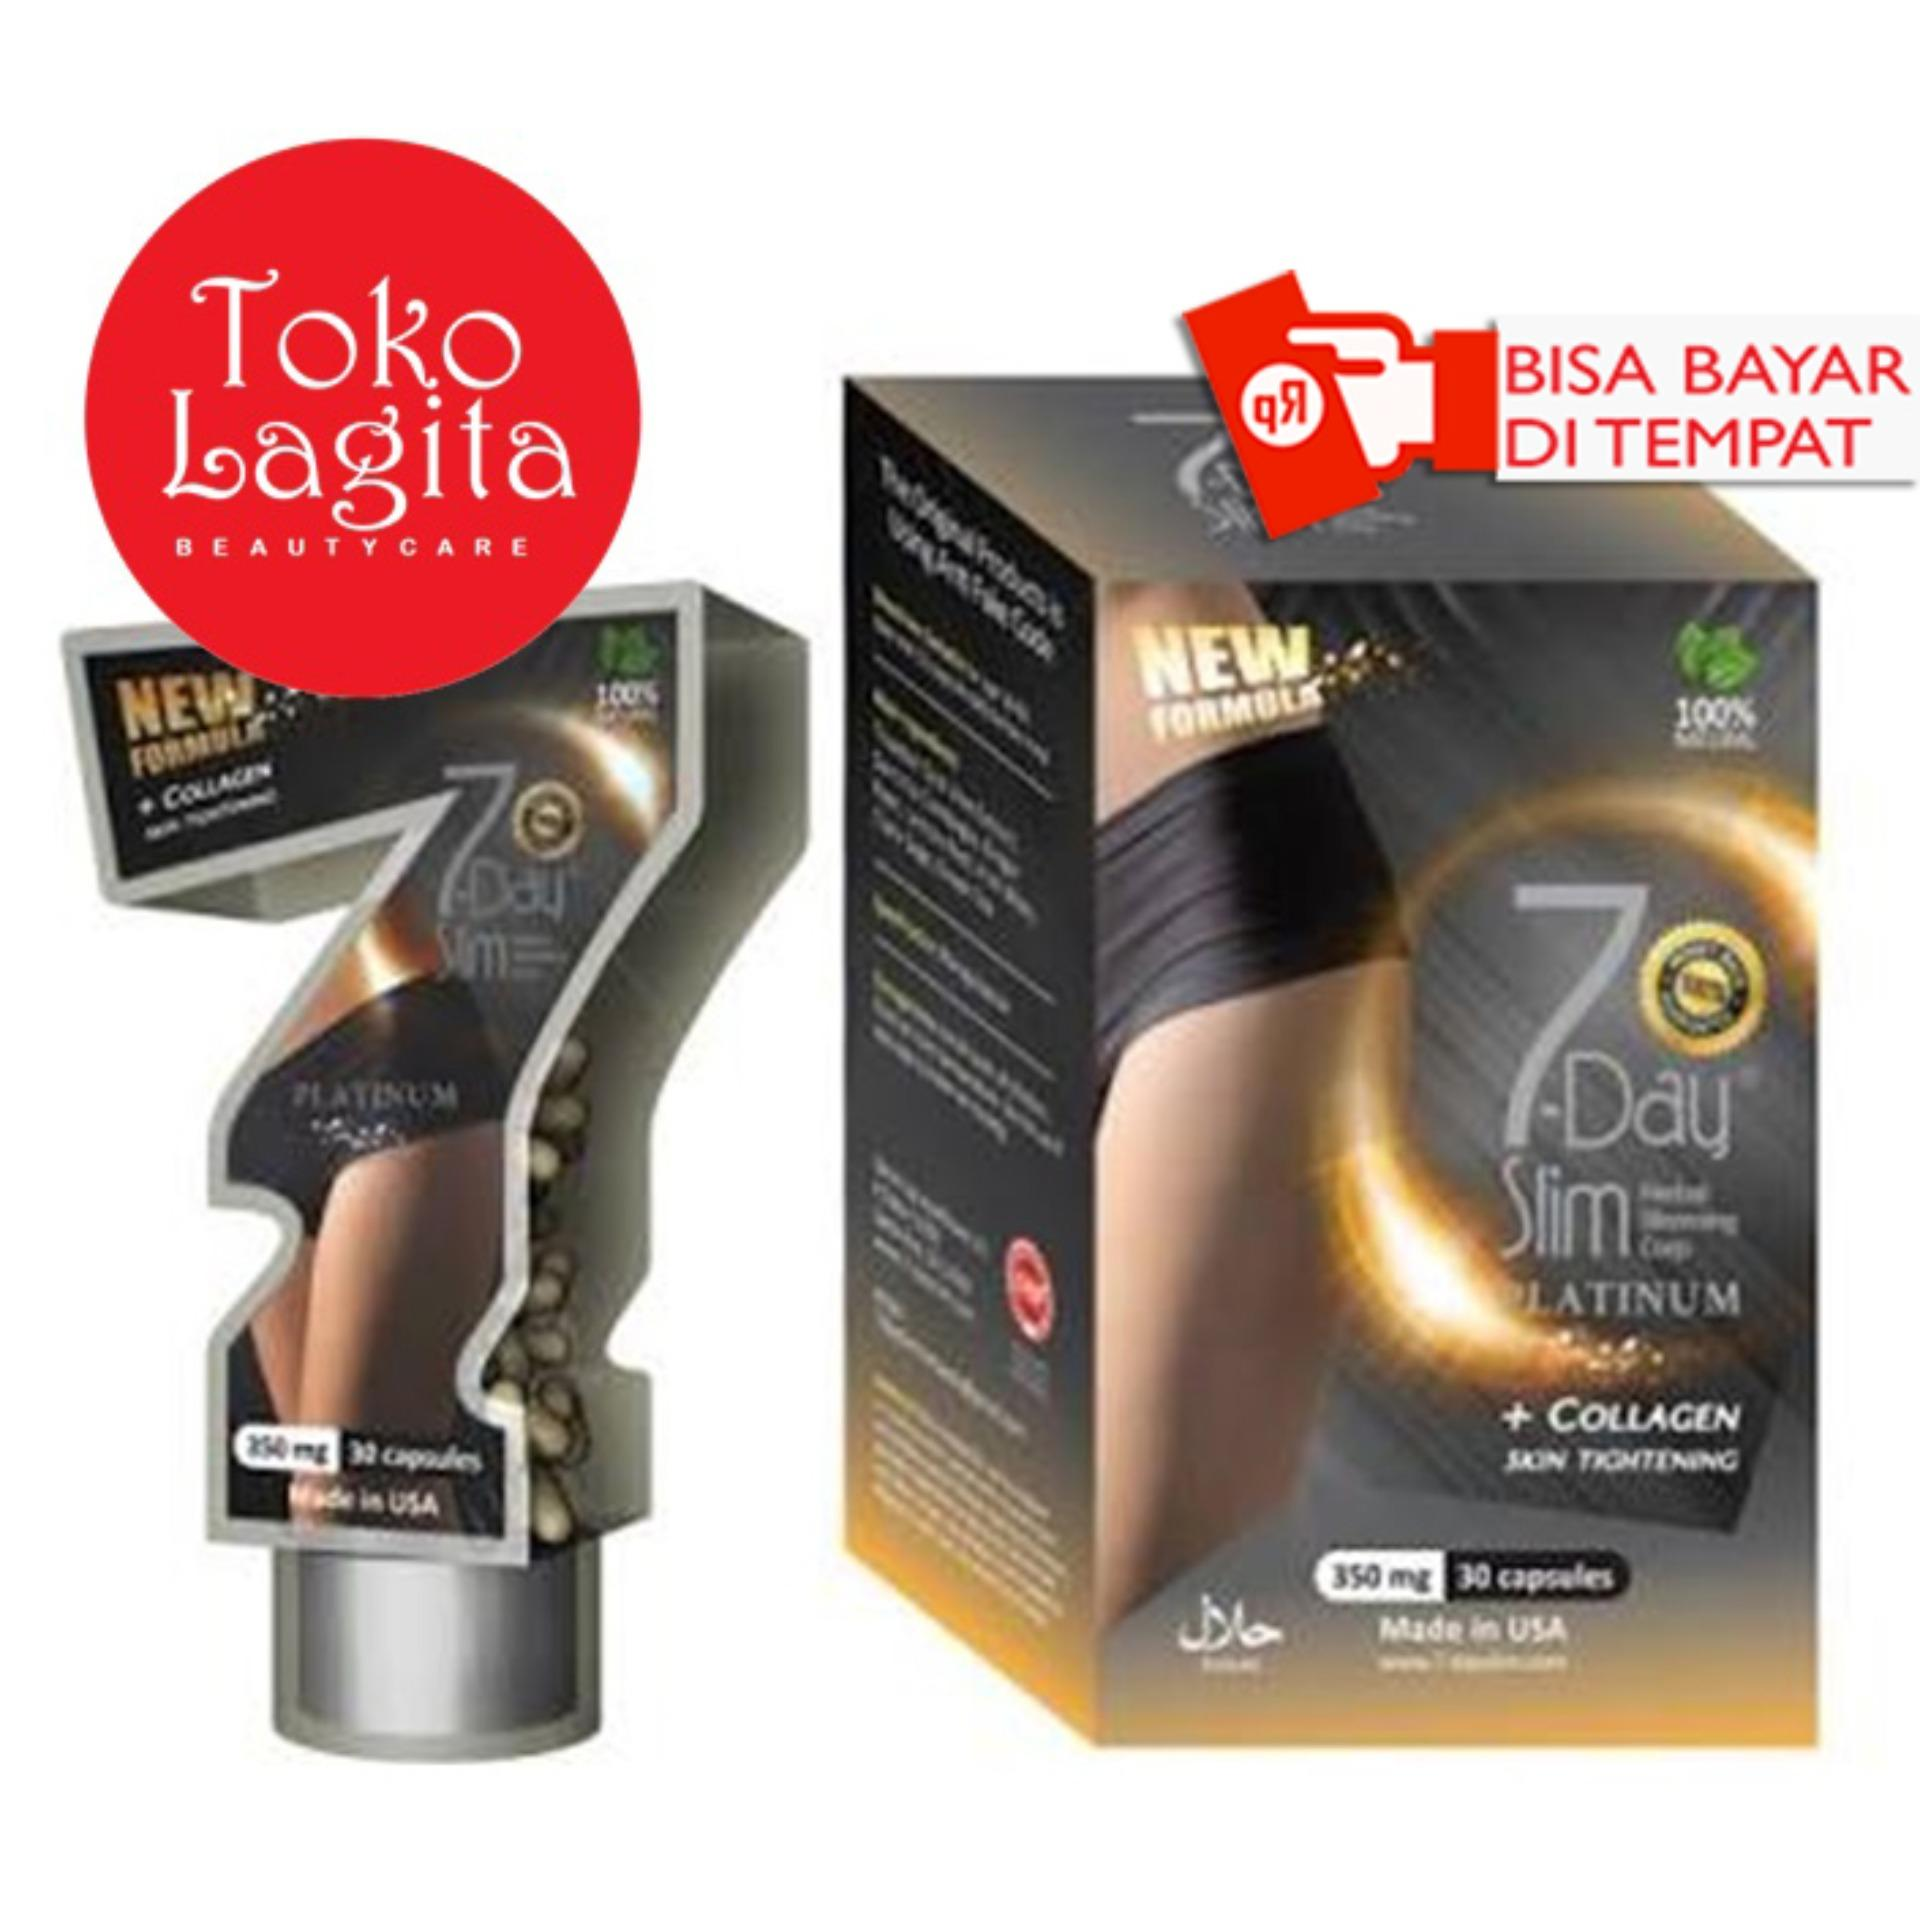 7 Day Slim Platinum New Formula + Collagen Suplemen Pelangsing Badan  Original da2e80605e